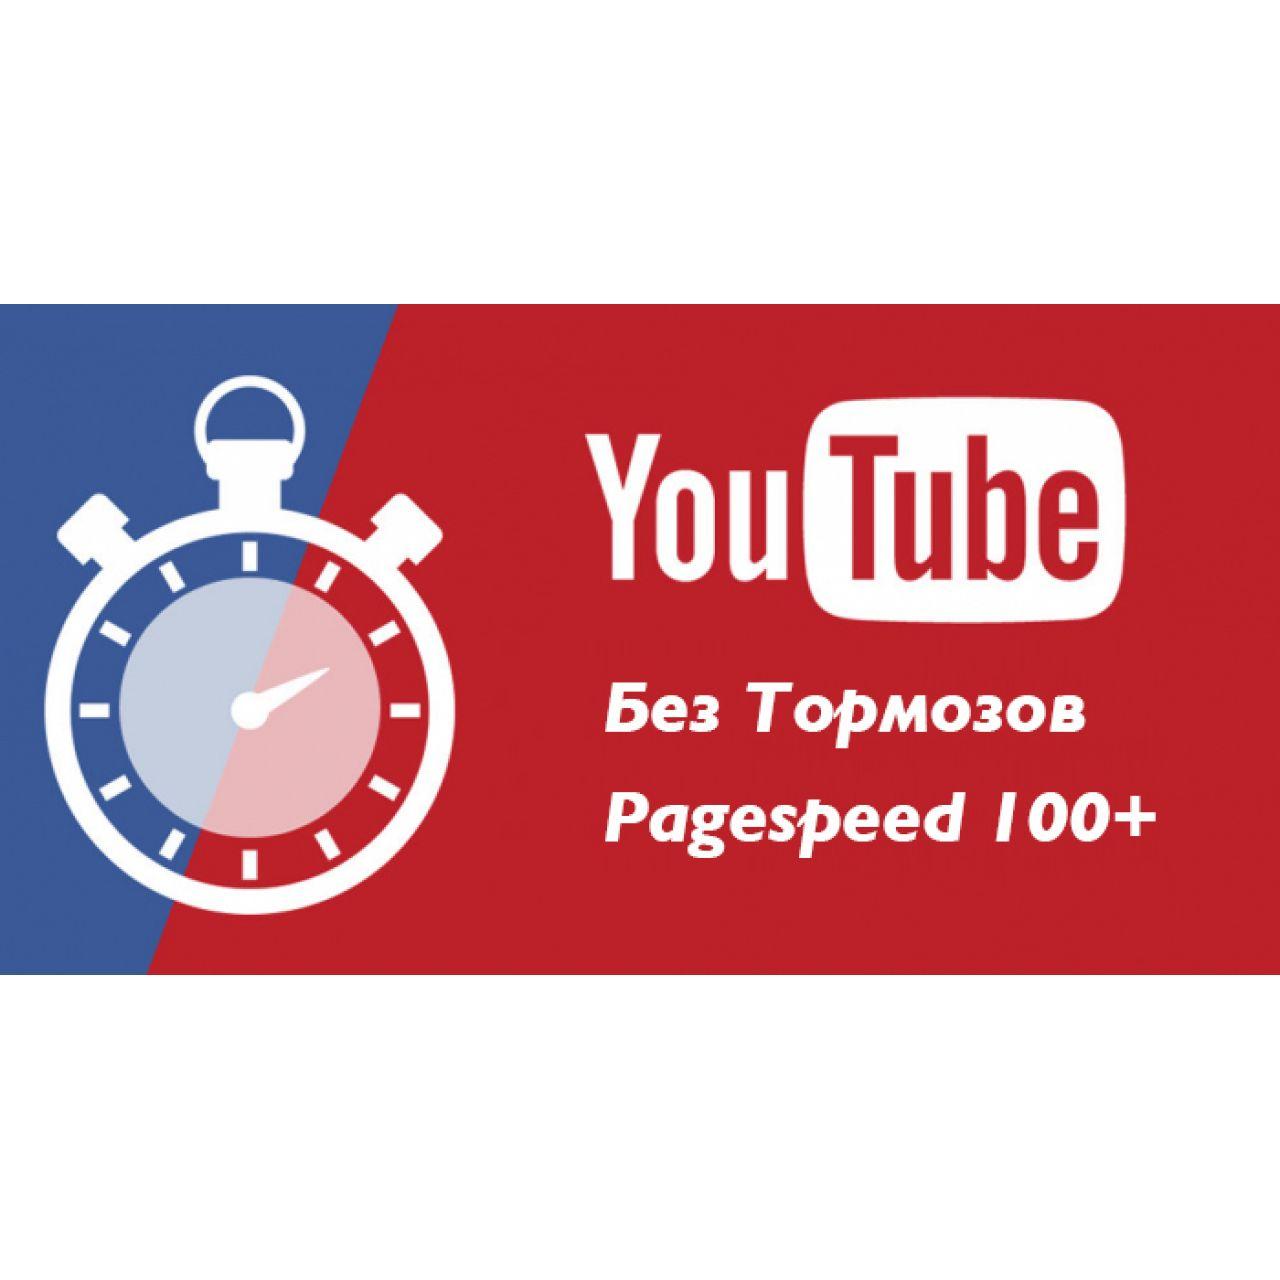 Видео с YouTube без тормозов. Pagespeed ++ Opencart 3.x из категории Кэширование, Сжатие, Ускорение для CMS OpenCart (ОпенКарт)